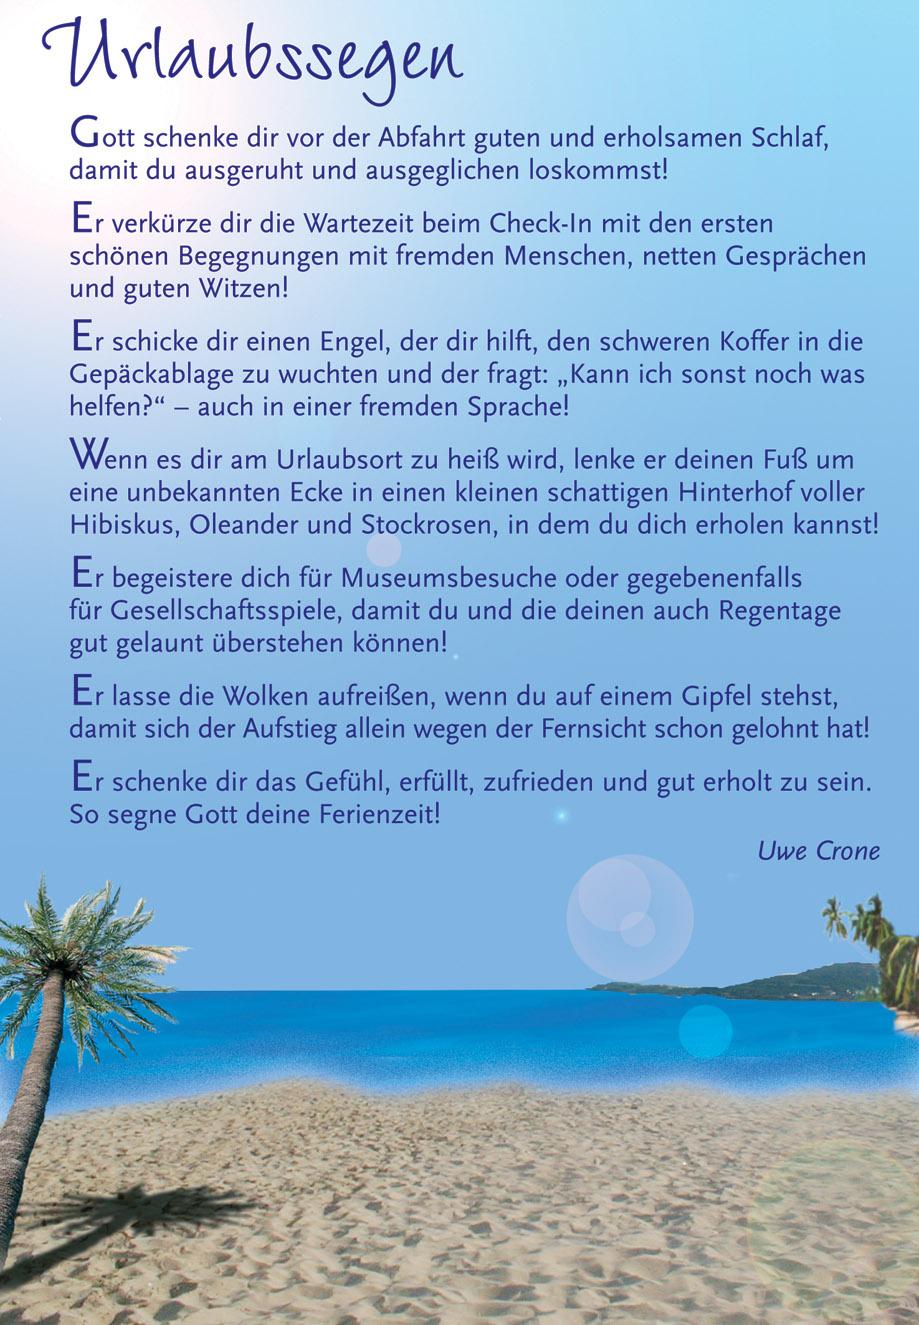 Wir Wünschen Allen Schöne Ferien Und Eine Erholsame